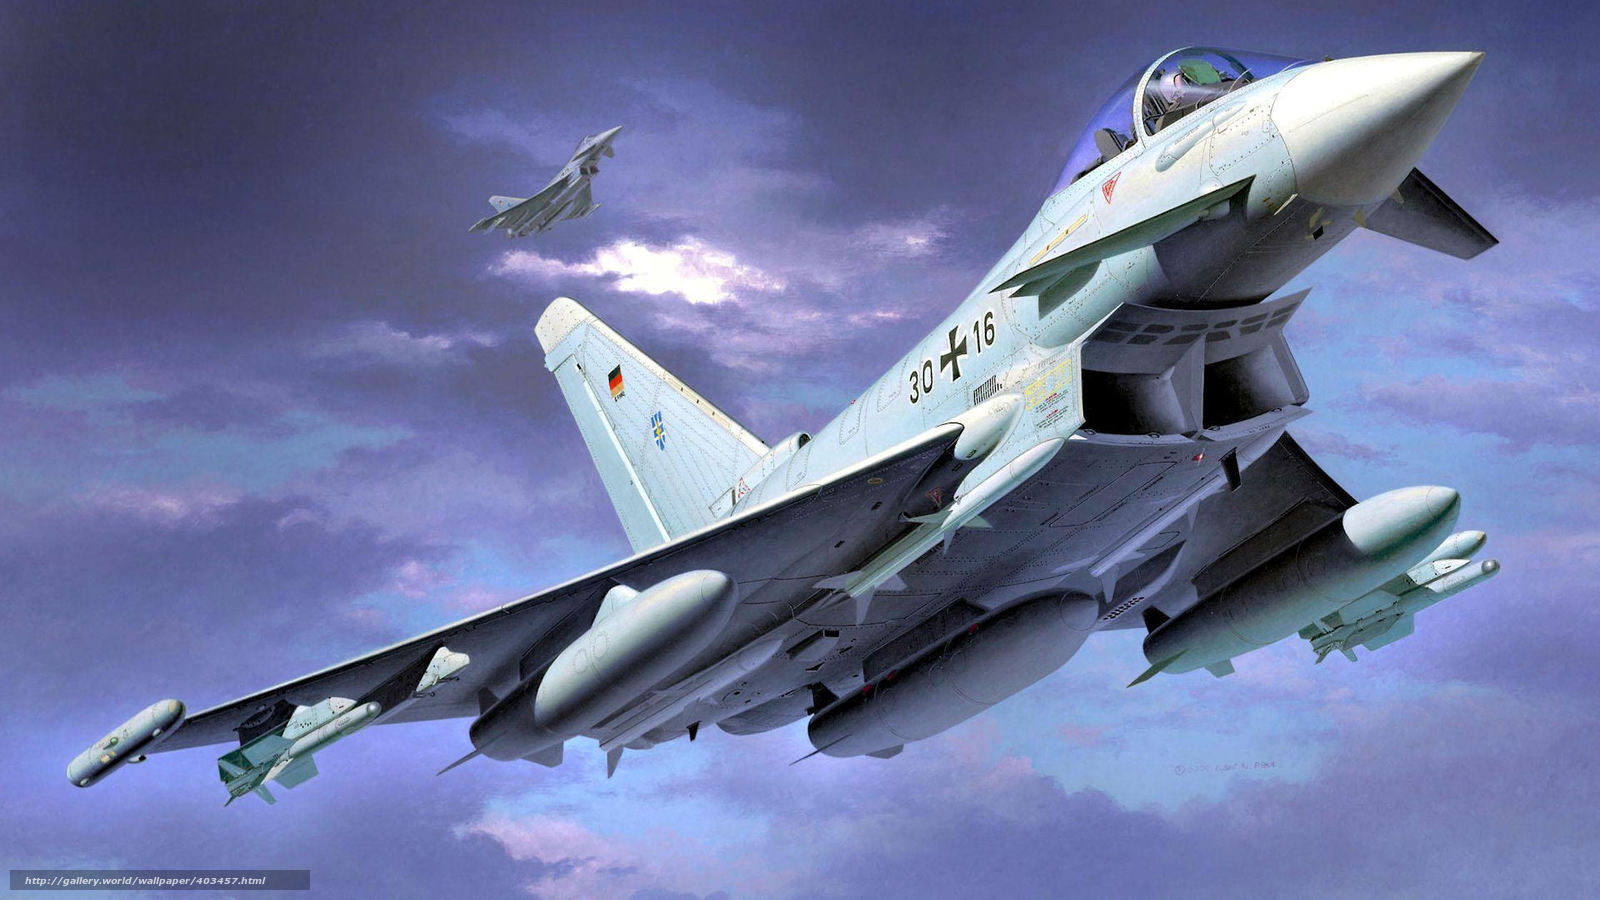 Скачать обои истребители,  Тайфун,  пара,  немцы бесплатно для рабочего стола в разрешении 1920x1080 — картинка №403457